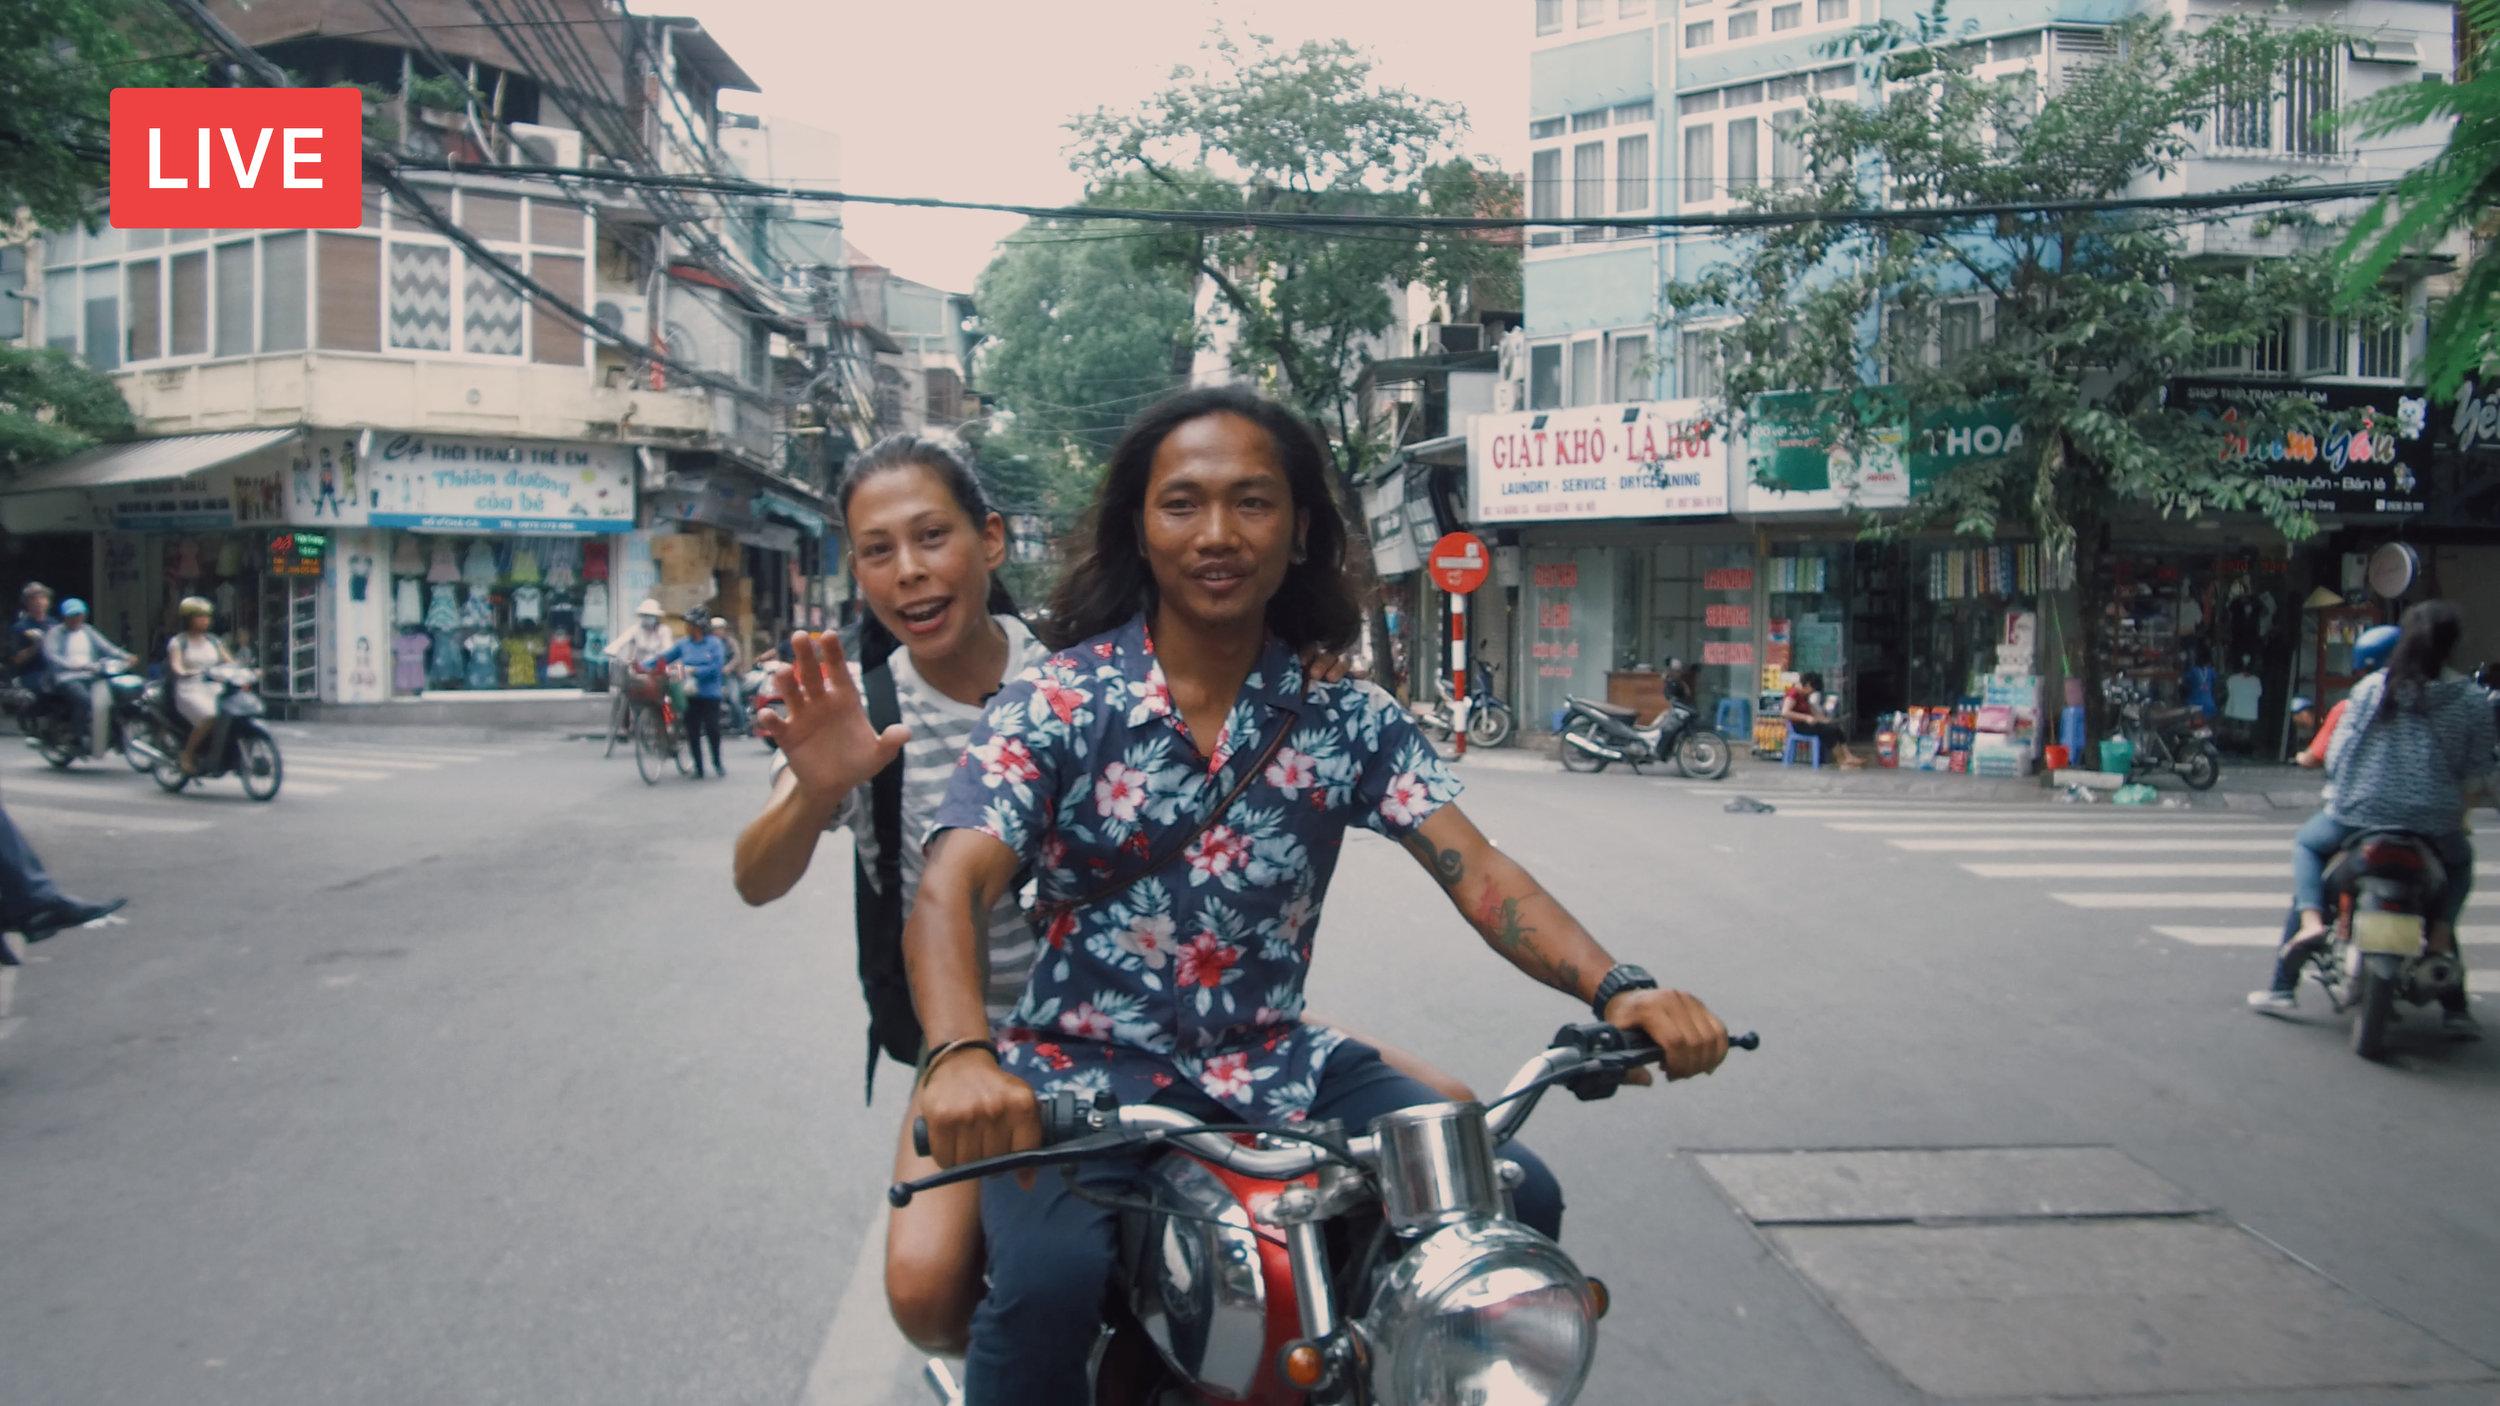 EPISODE 1 : HANOI, VIETNAM